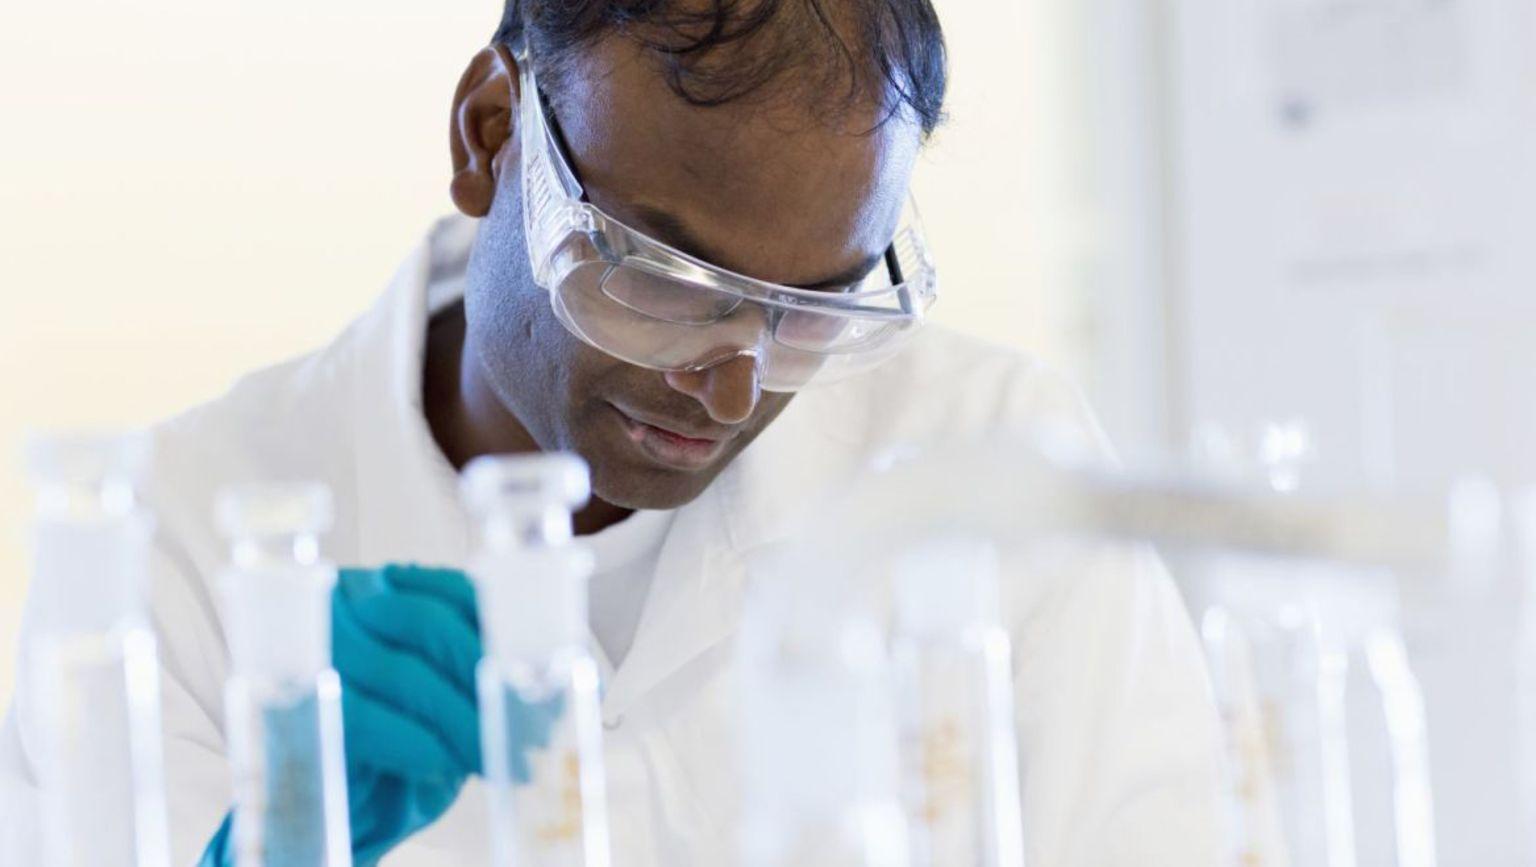 Forskare sitter med blå handskar och hanterar prover i provrör.